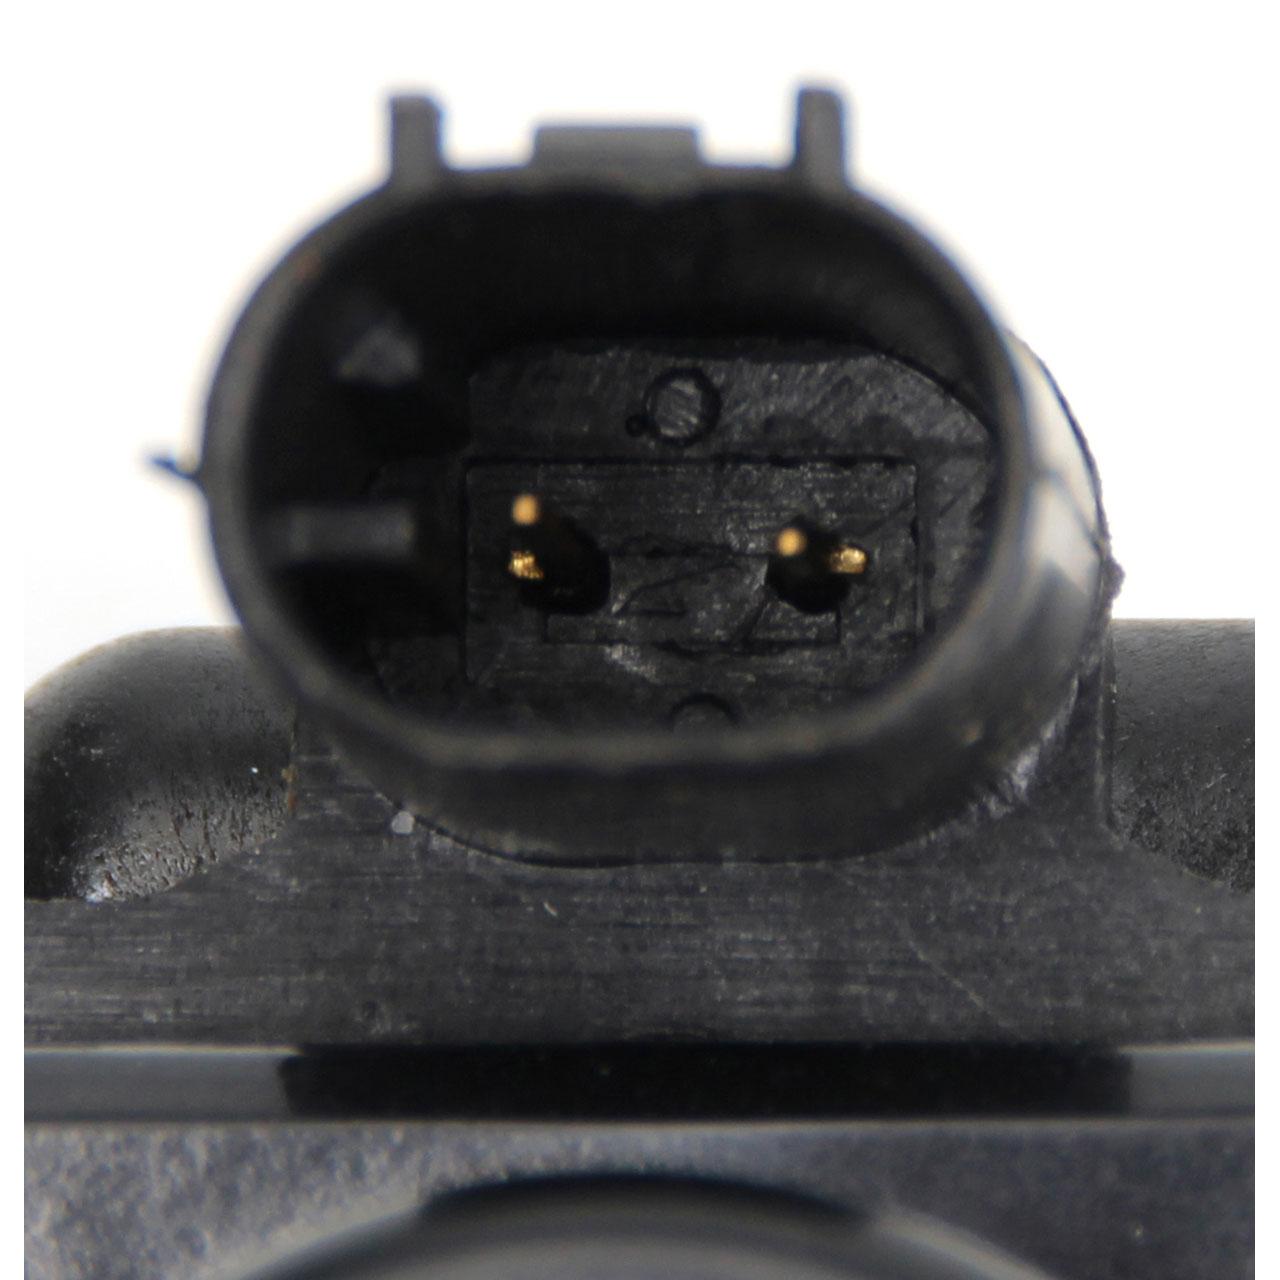 Druckwandler Magnetventil Turbolader für MERCEDES W203 C209 W210 W461 W463 W220